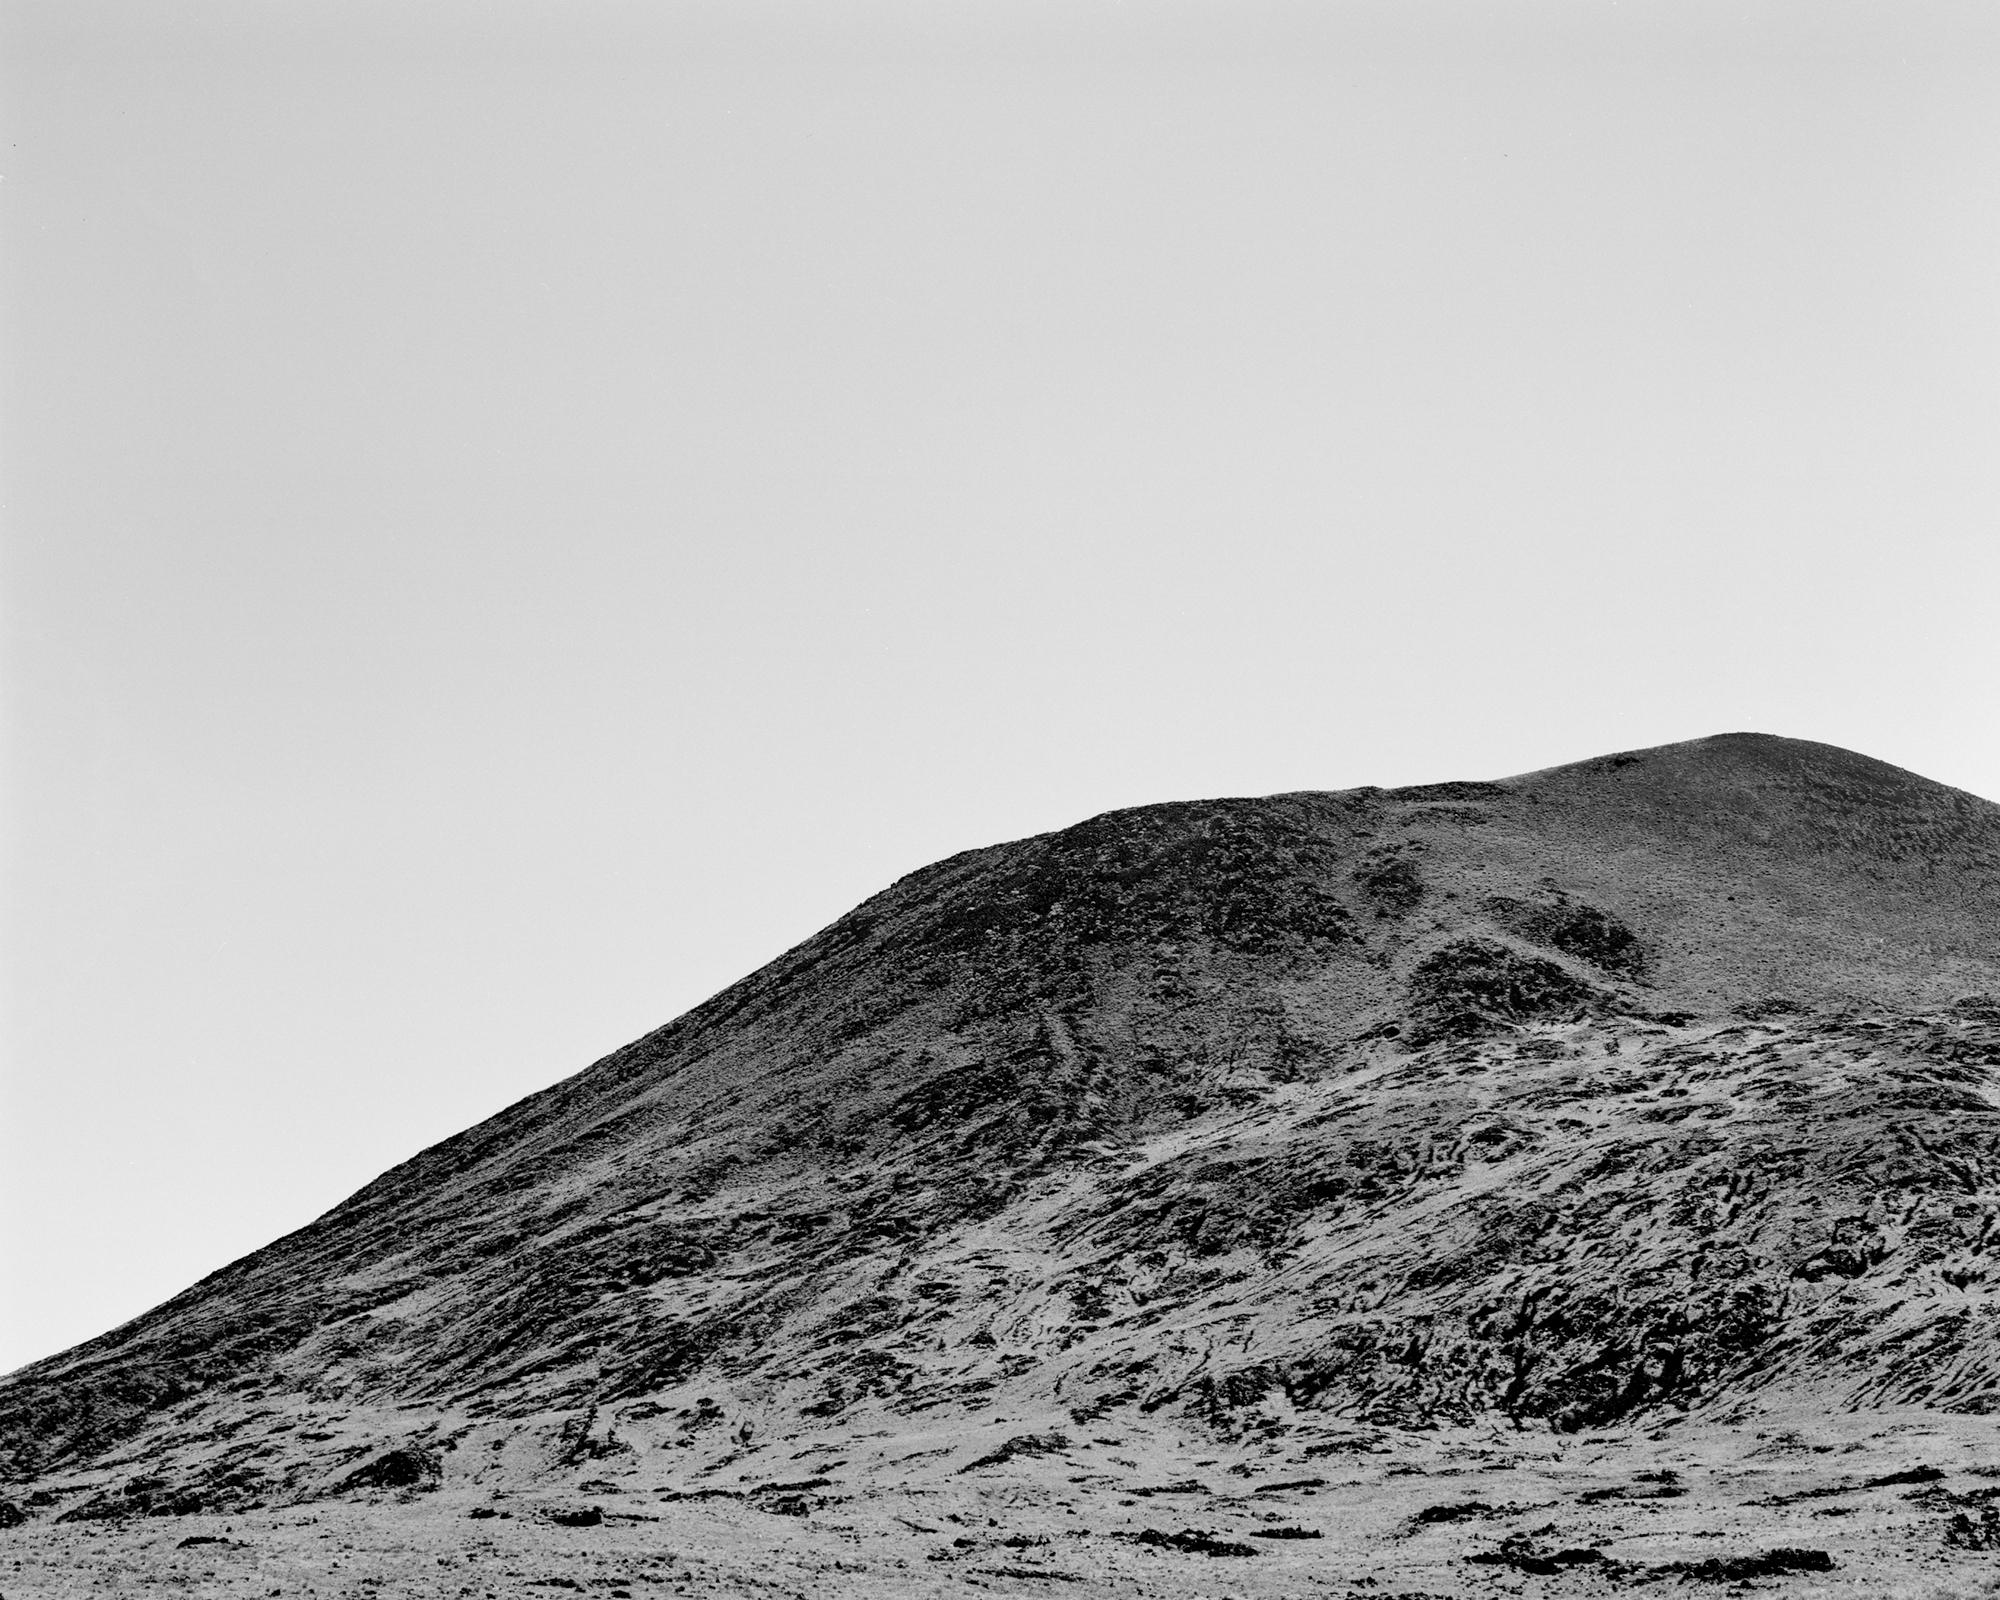 Owens Valley no. 1